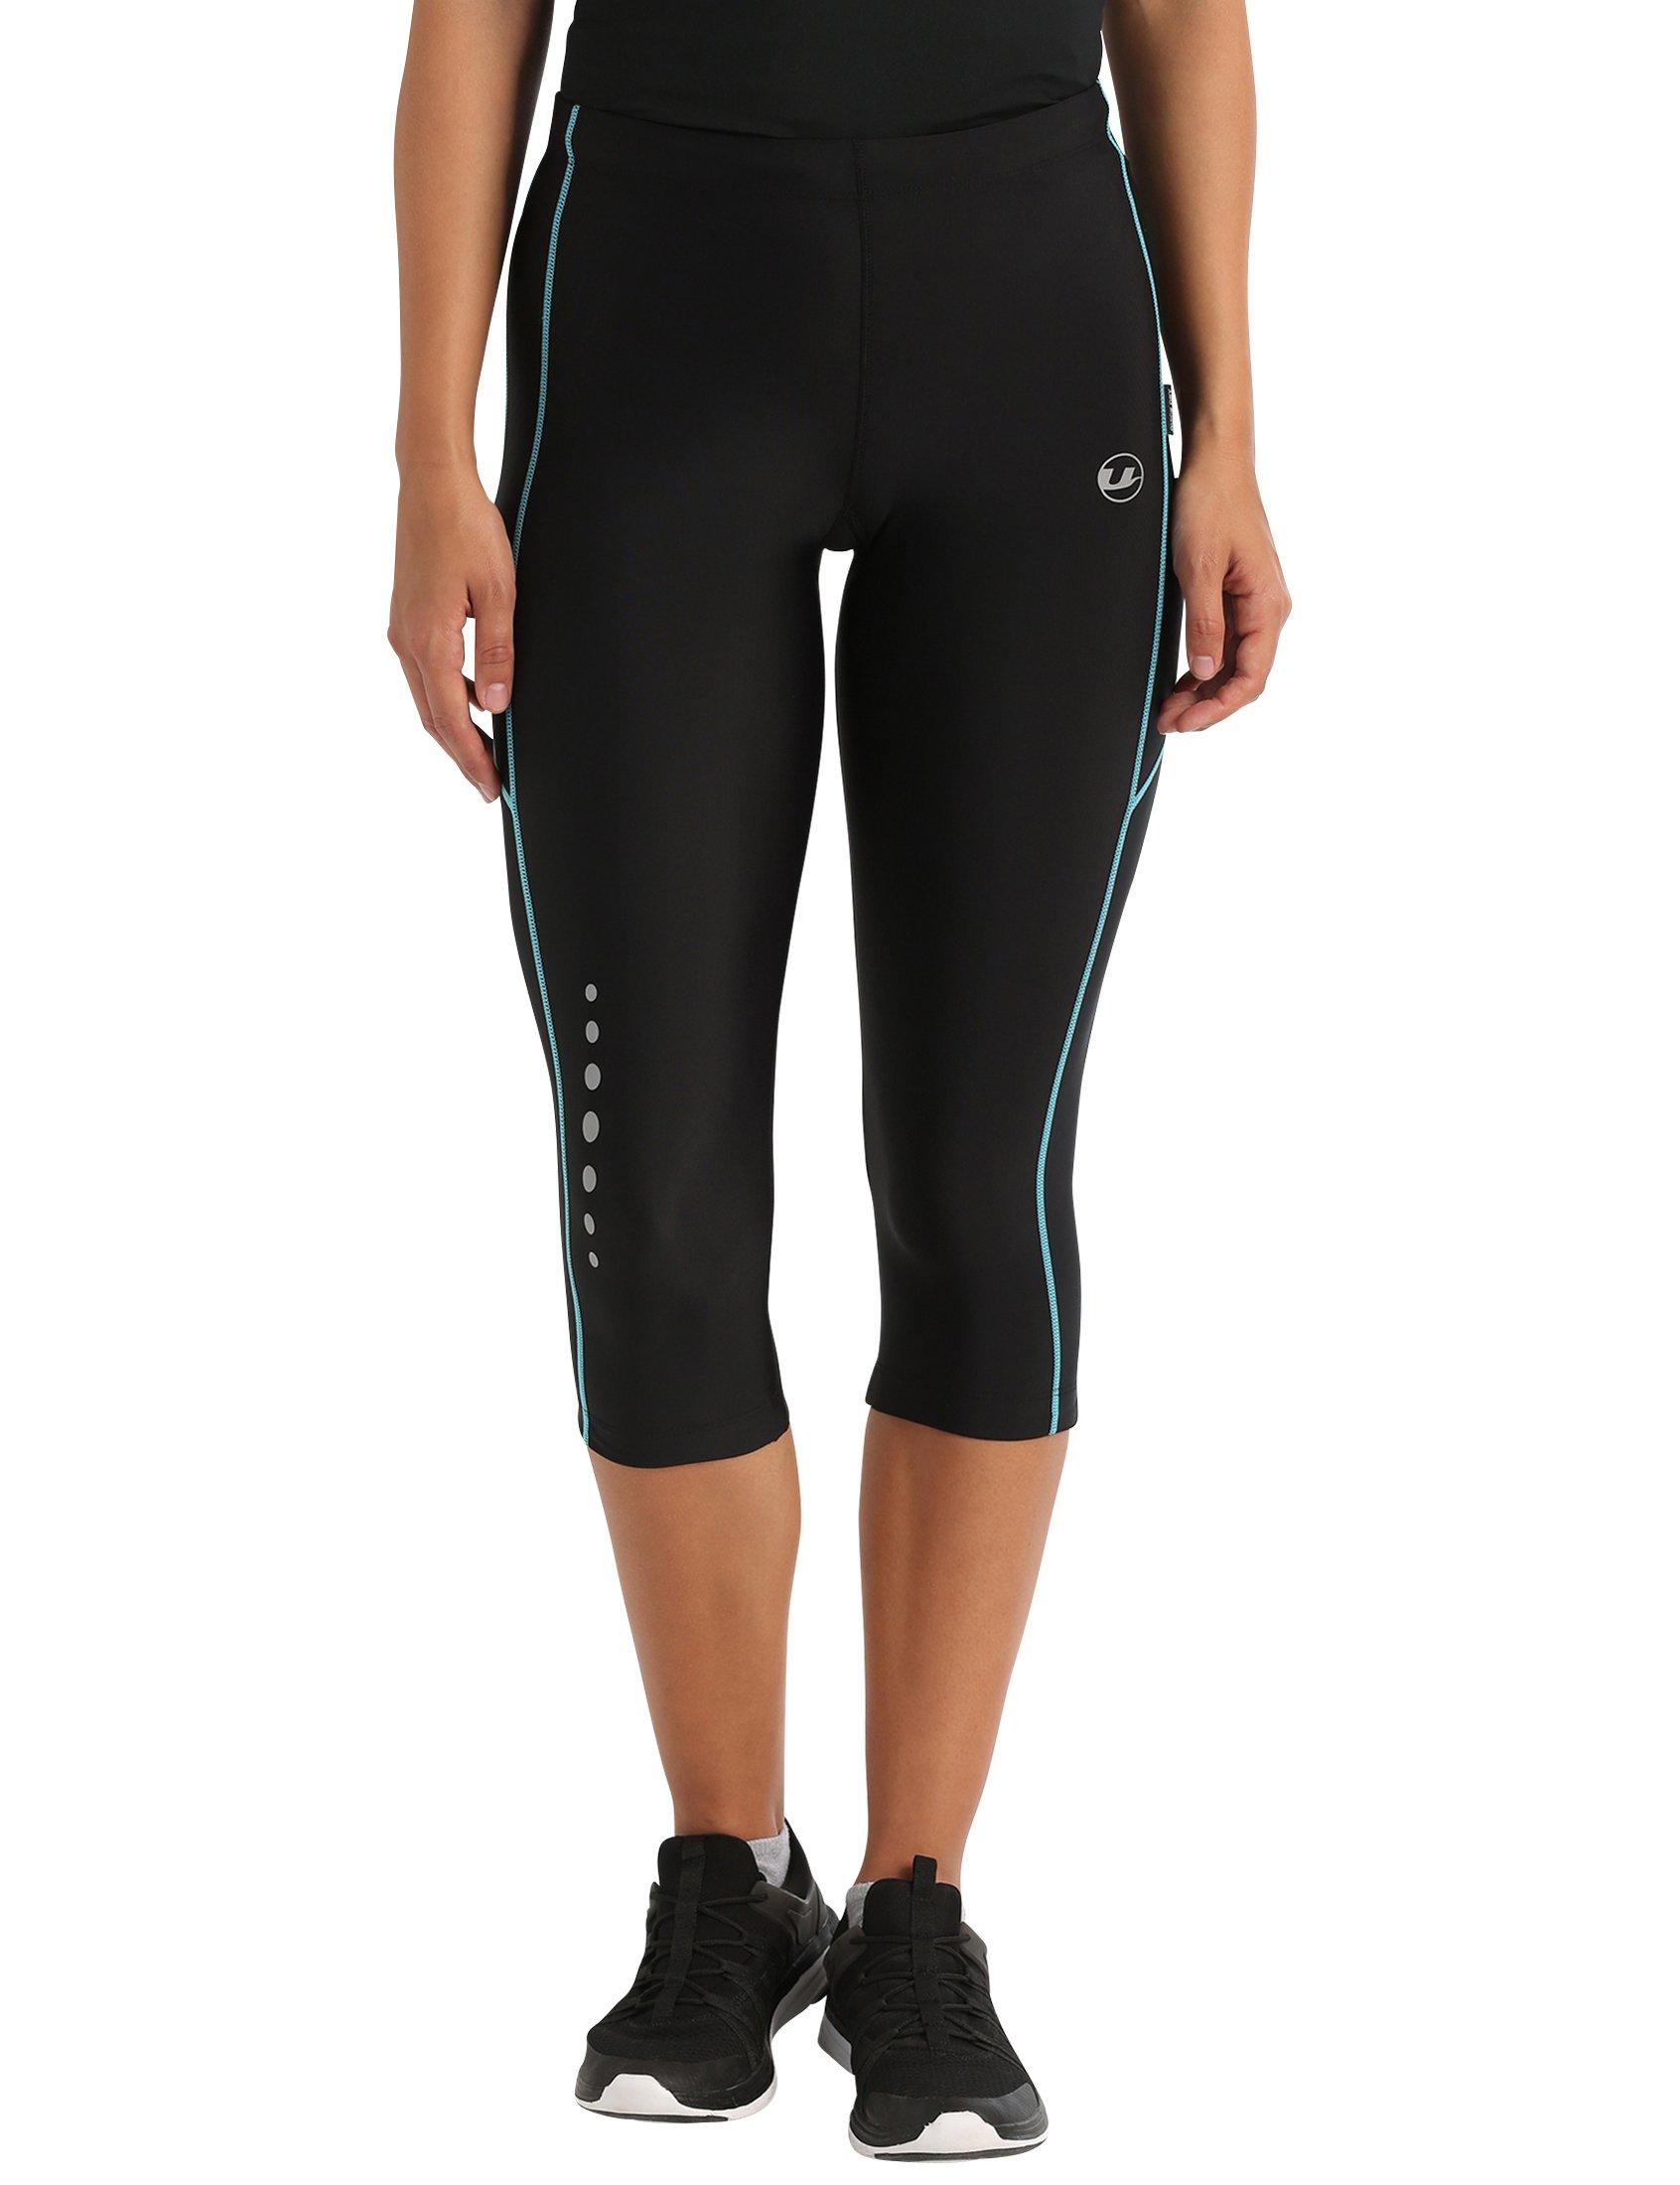 Ultrasport Pantalones pirata de correr para mujer con efecto de compresión y función de secado rápido